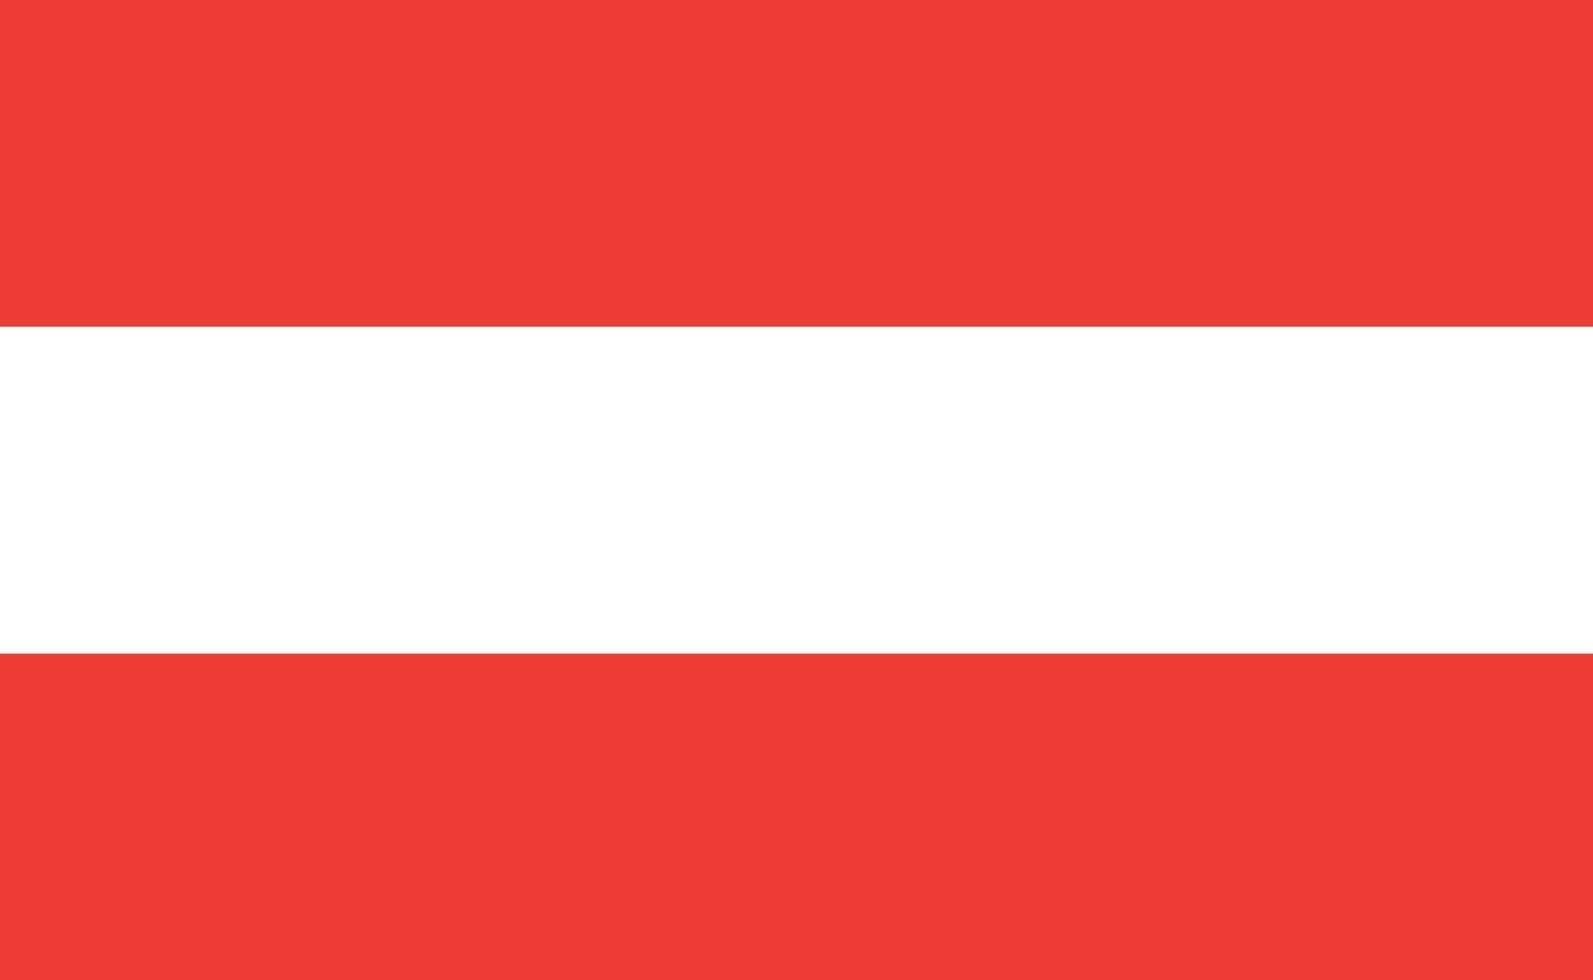 österreichische nationalflagge in exakten proportionen - vektorillustration vektor